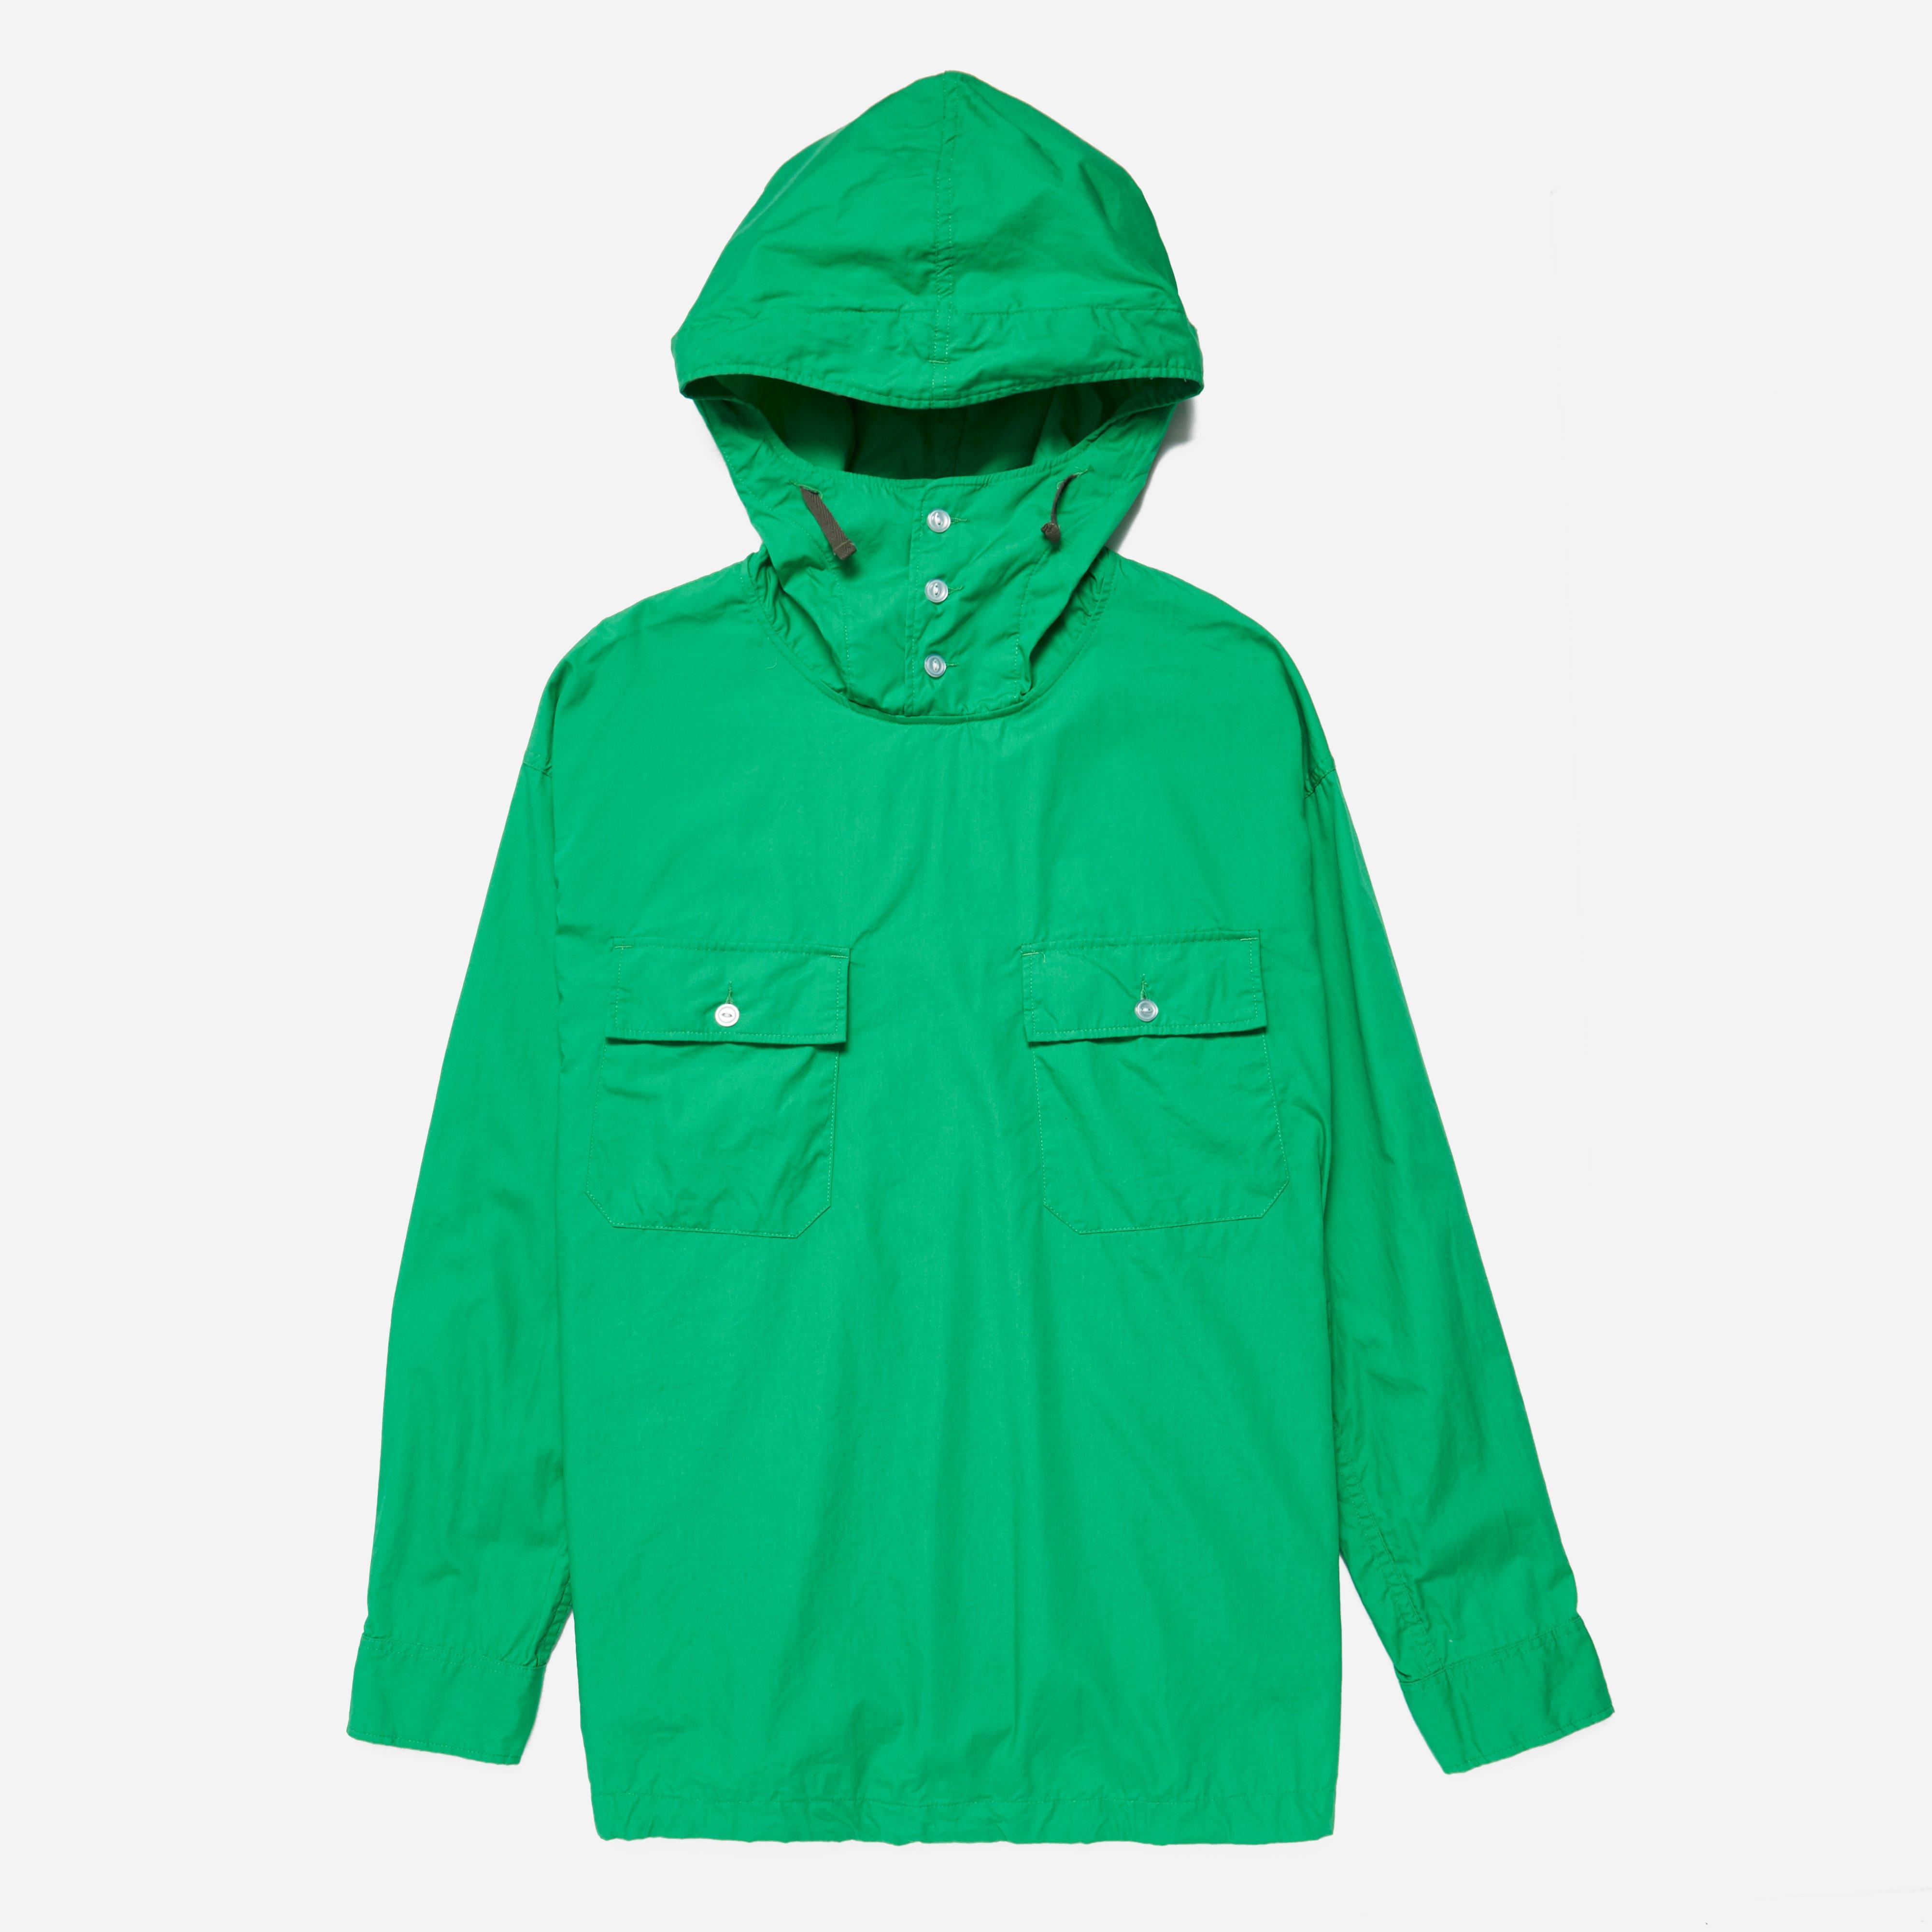 Engineered Garments Cagoule Jacket